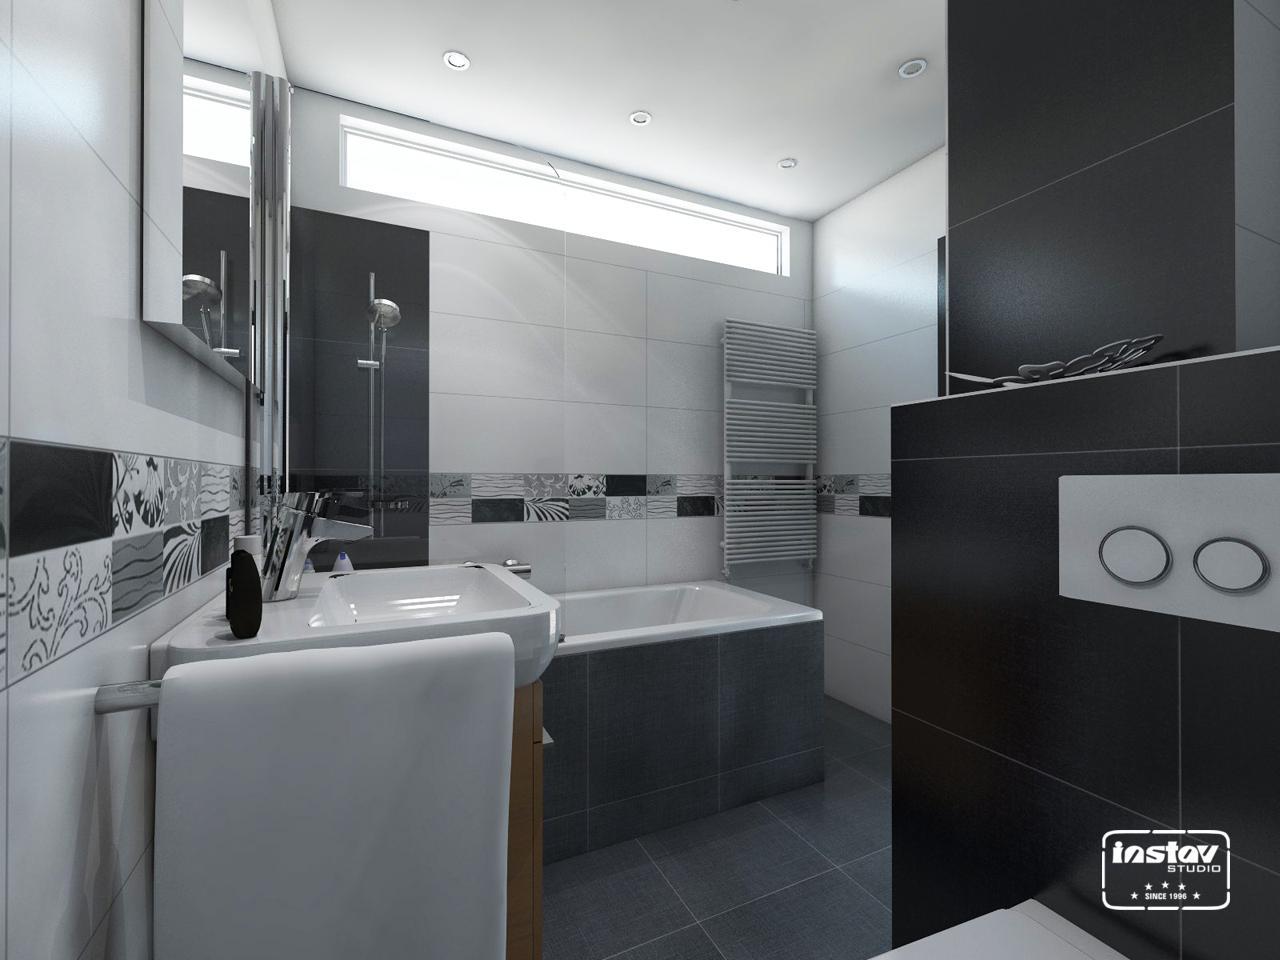 Vizualizácie kúpeľní - Vizualizácia panelákovej kúpeľne.